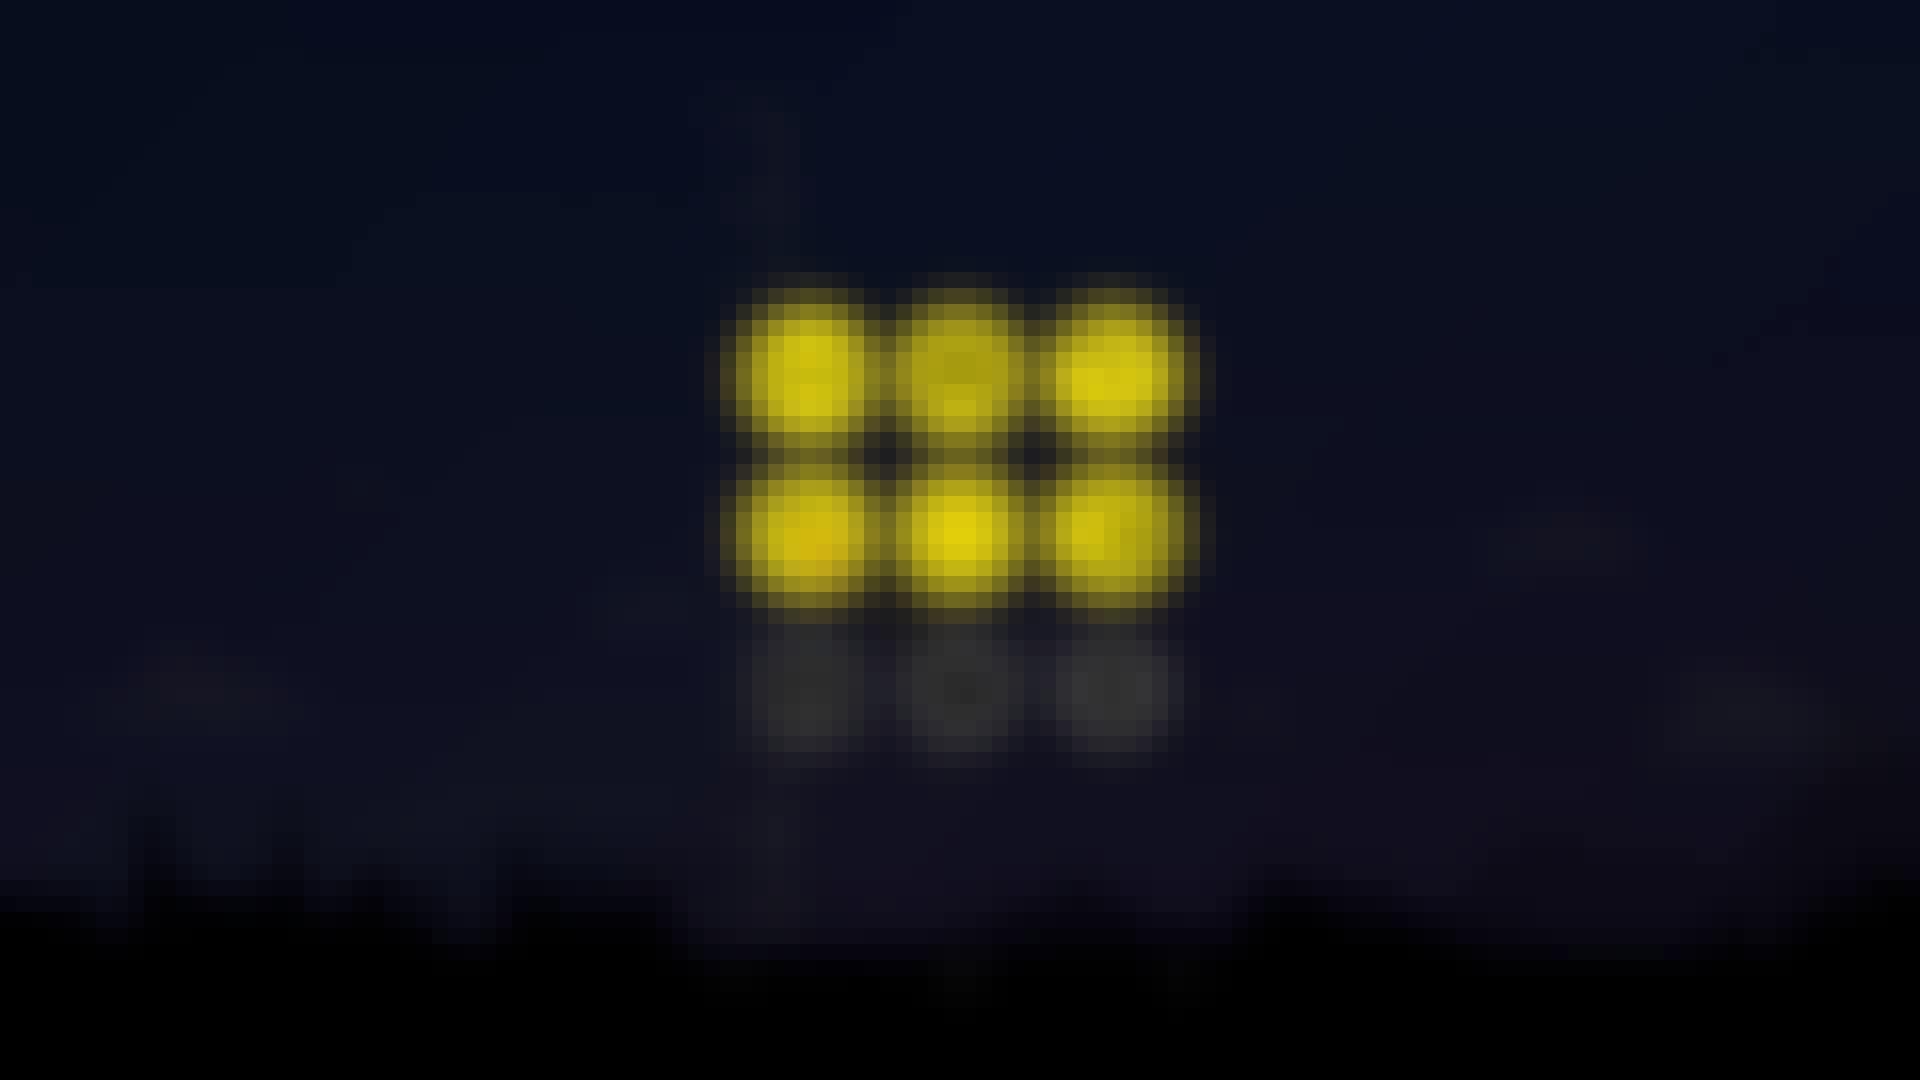 Betelgeuze – hoe kun je de ster zien